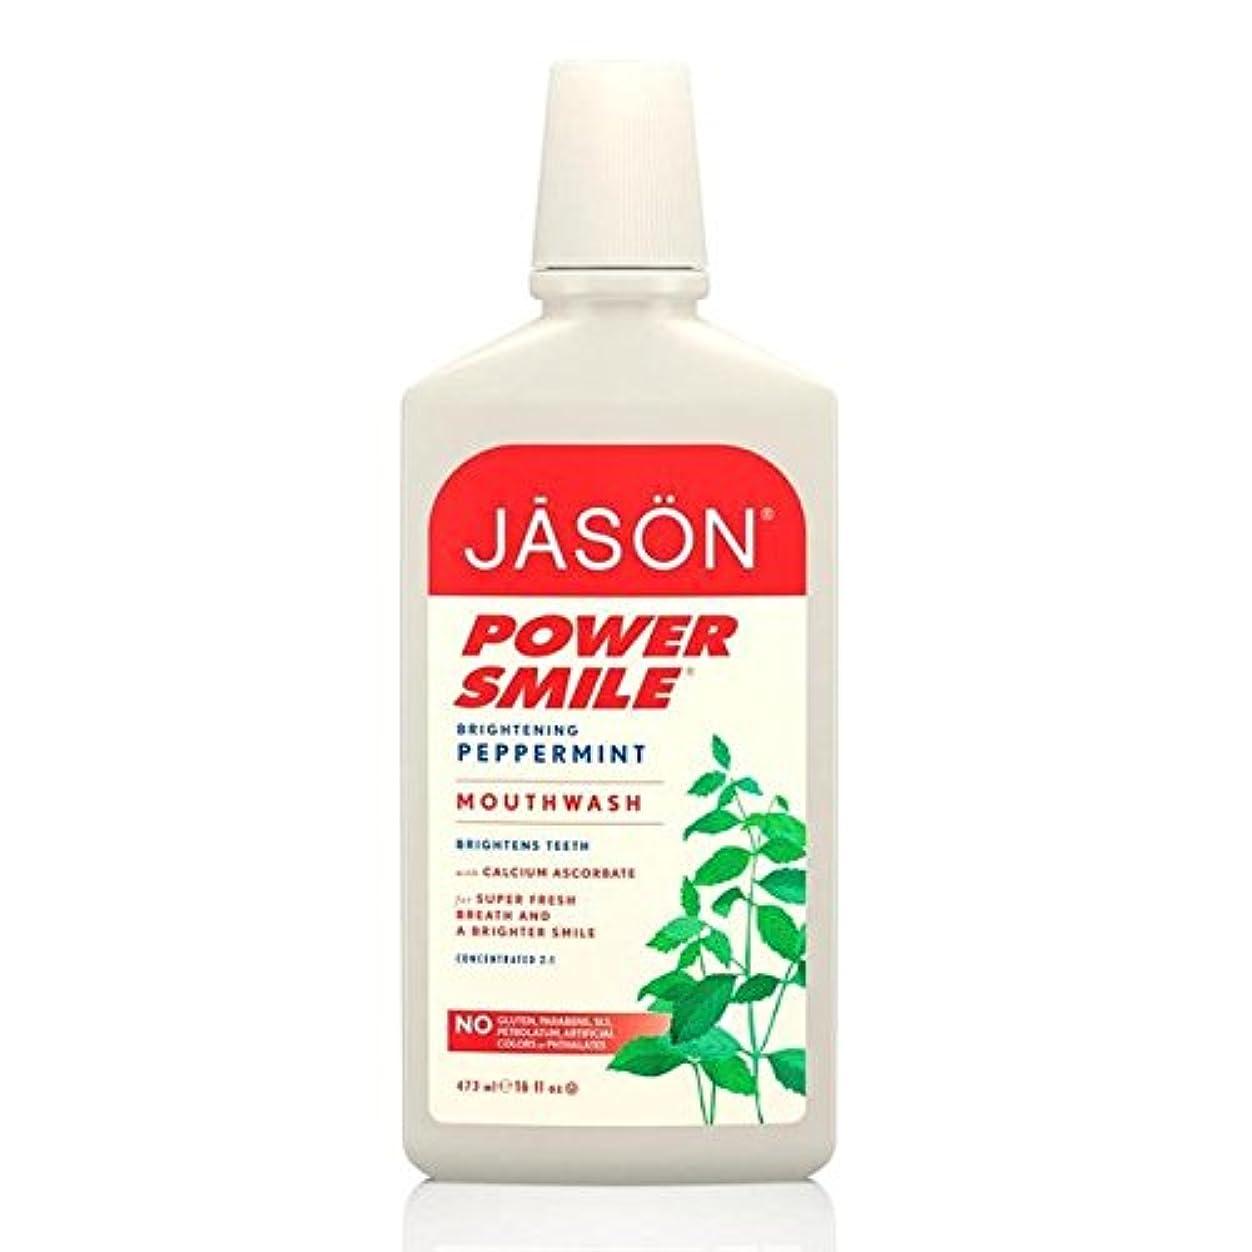 情緒的甘やかすいいねJason Powersmile Mouthwash 480ml - ジェイソンマウスウォッシュ480ミリリットル [並行輸入品]